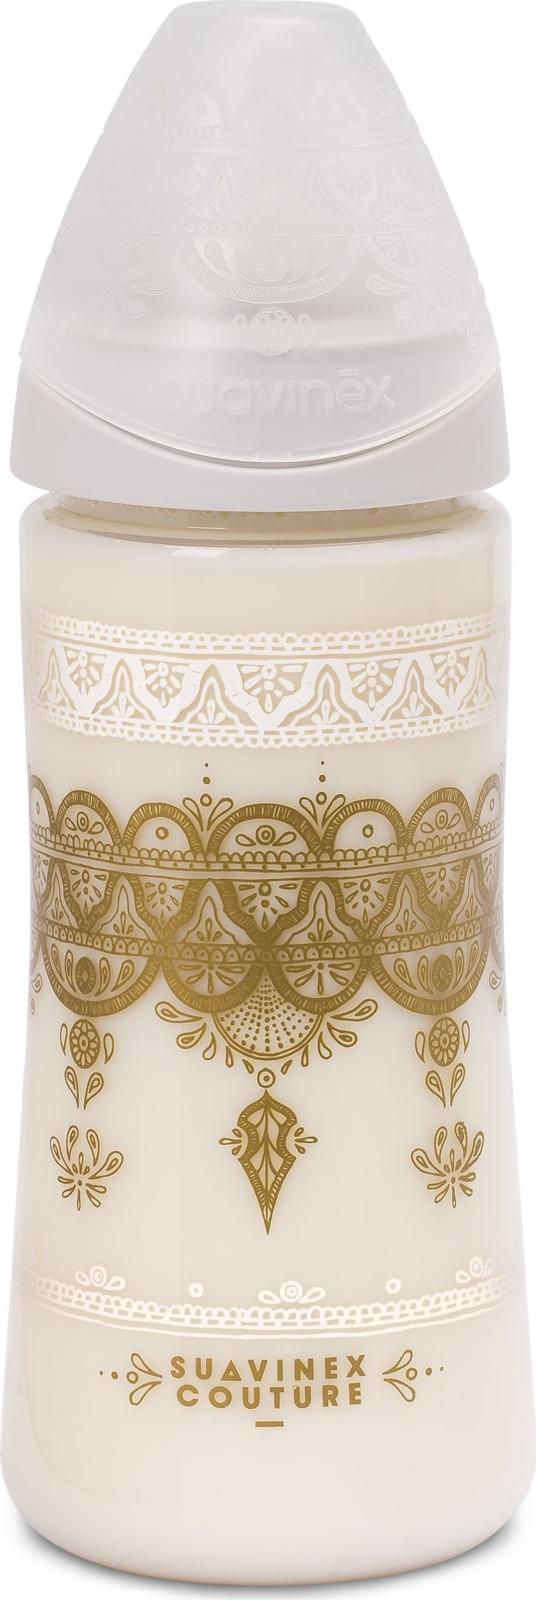 Бутылочка для кормления Suavinex Haute Couture, от 4 месяцев, с силиконовой круглой соской, 3173346, белый, 360 мл мир детства бутылочка с силиконовой соской от 0 месяцев цвет оранжевый 250 мл